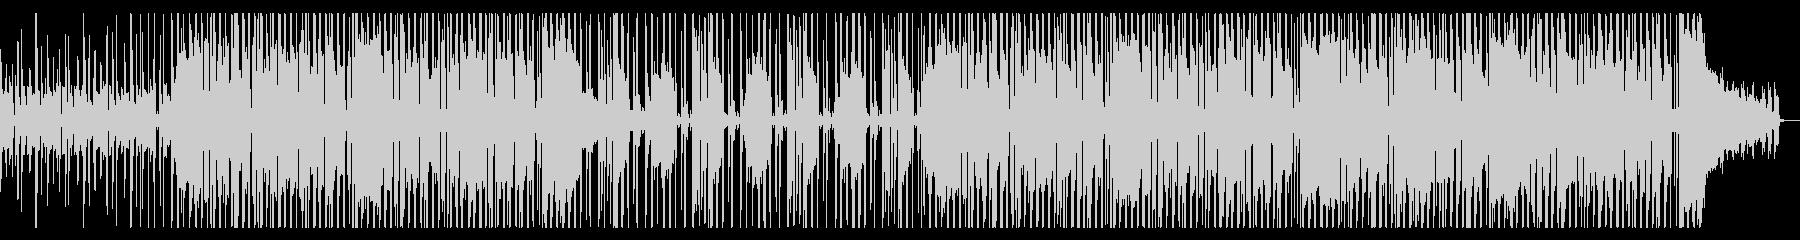 ファンキーでグルービーなR&B系ビートの未再生の波形